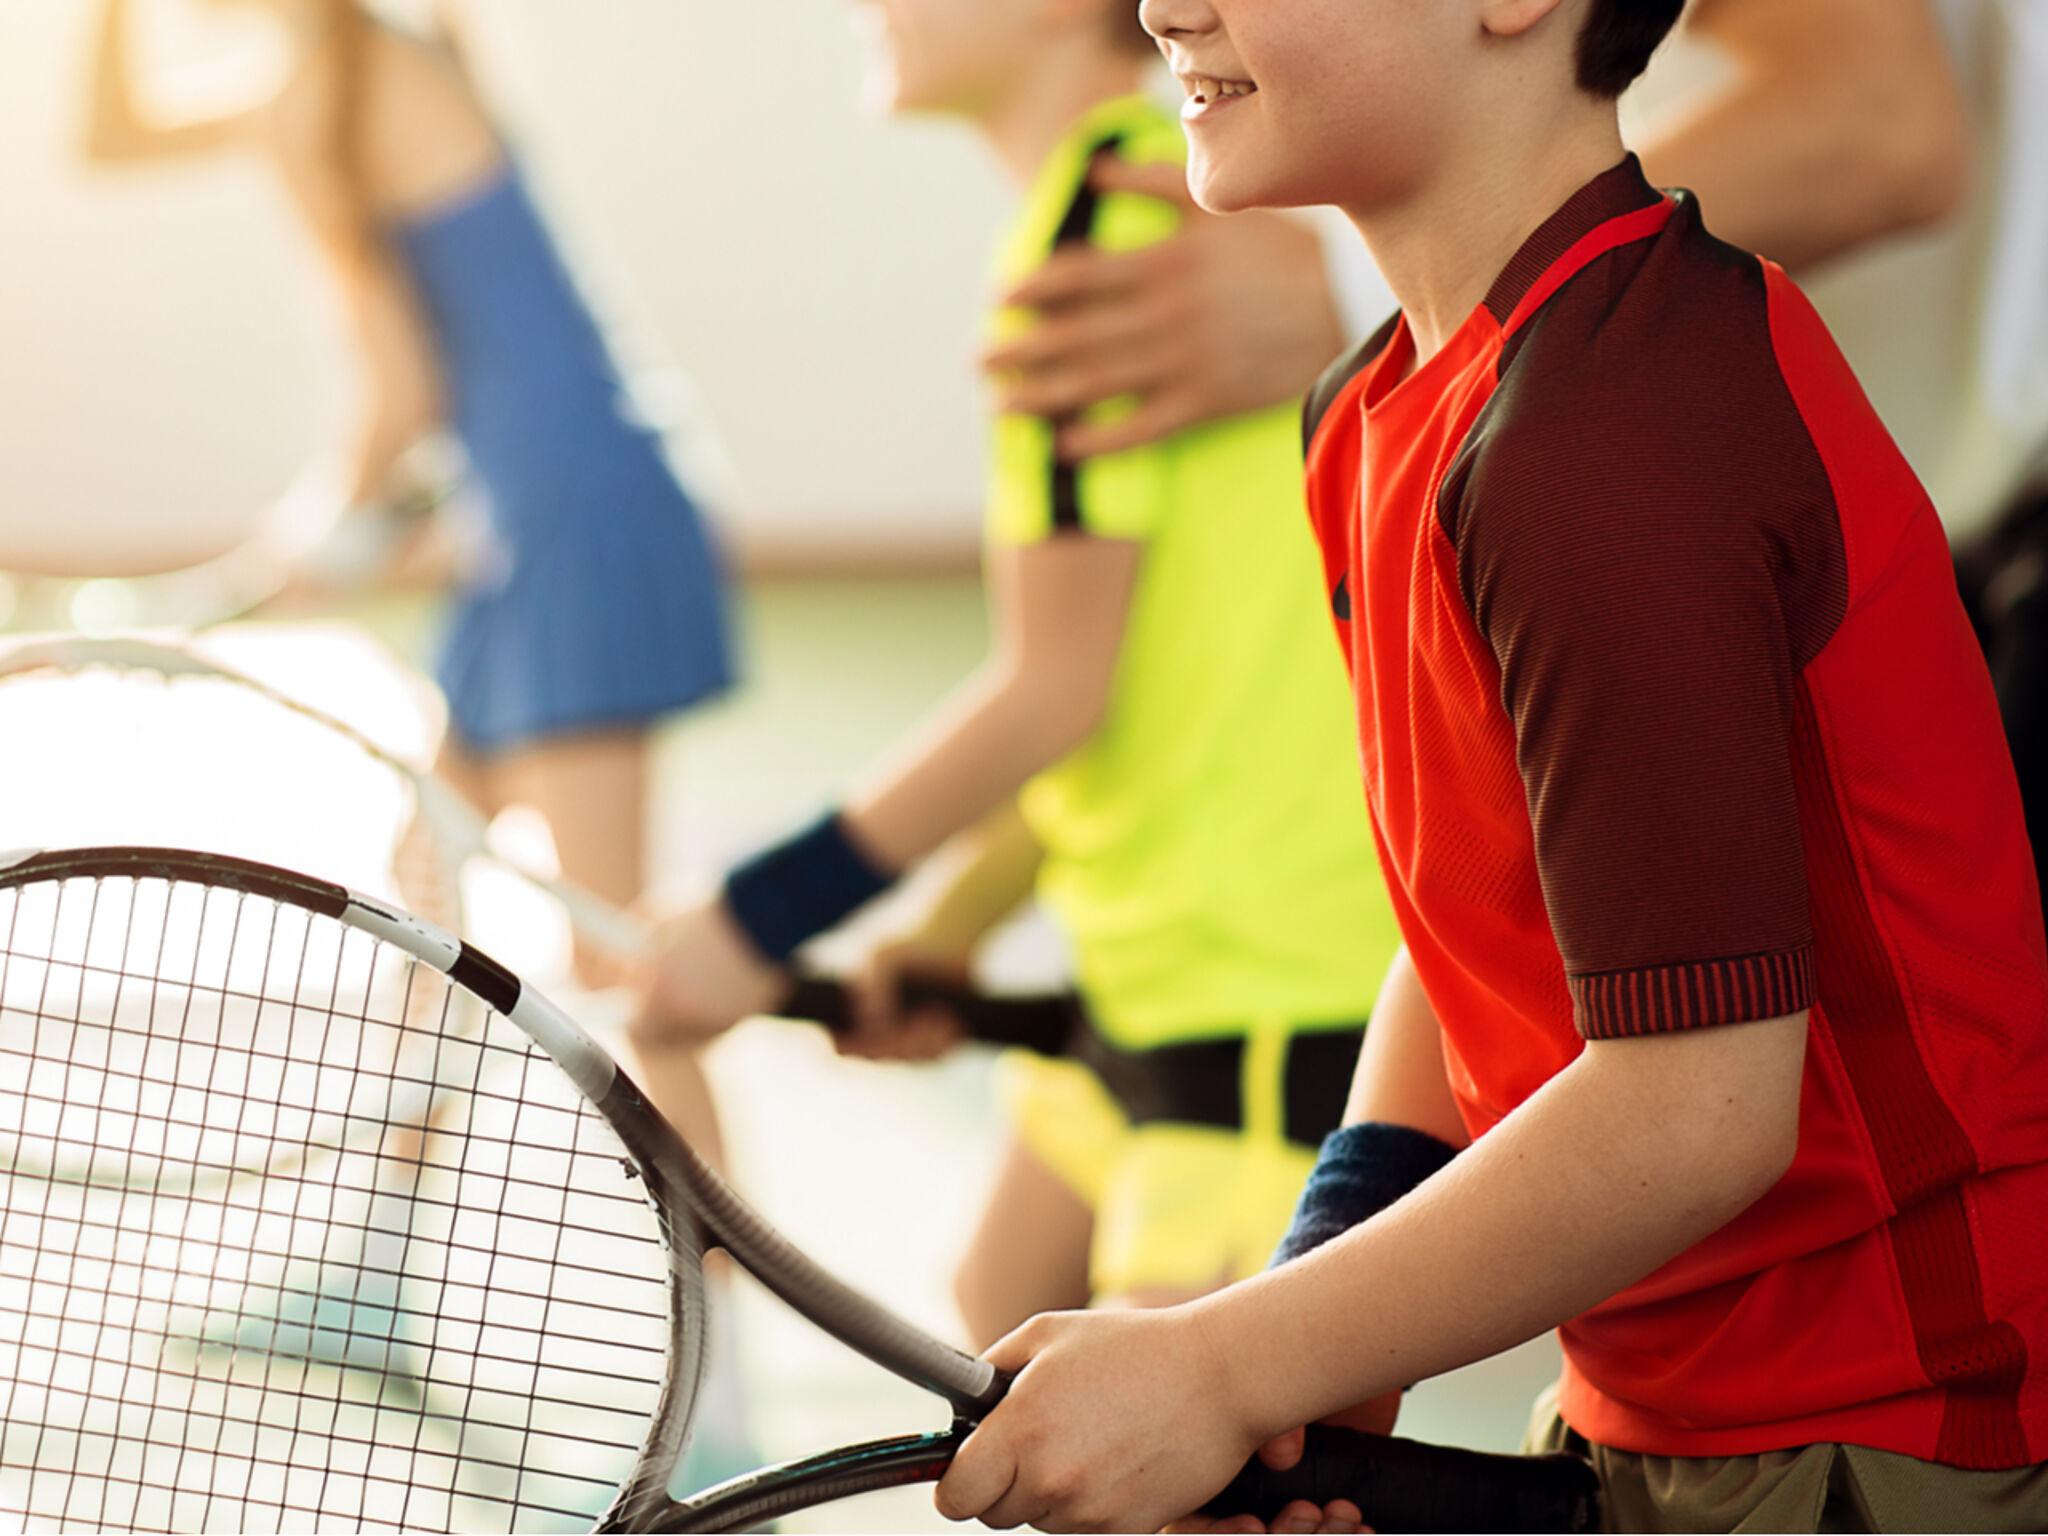 子ども3人がテニスの指導を受けている画像